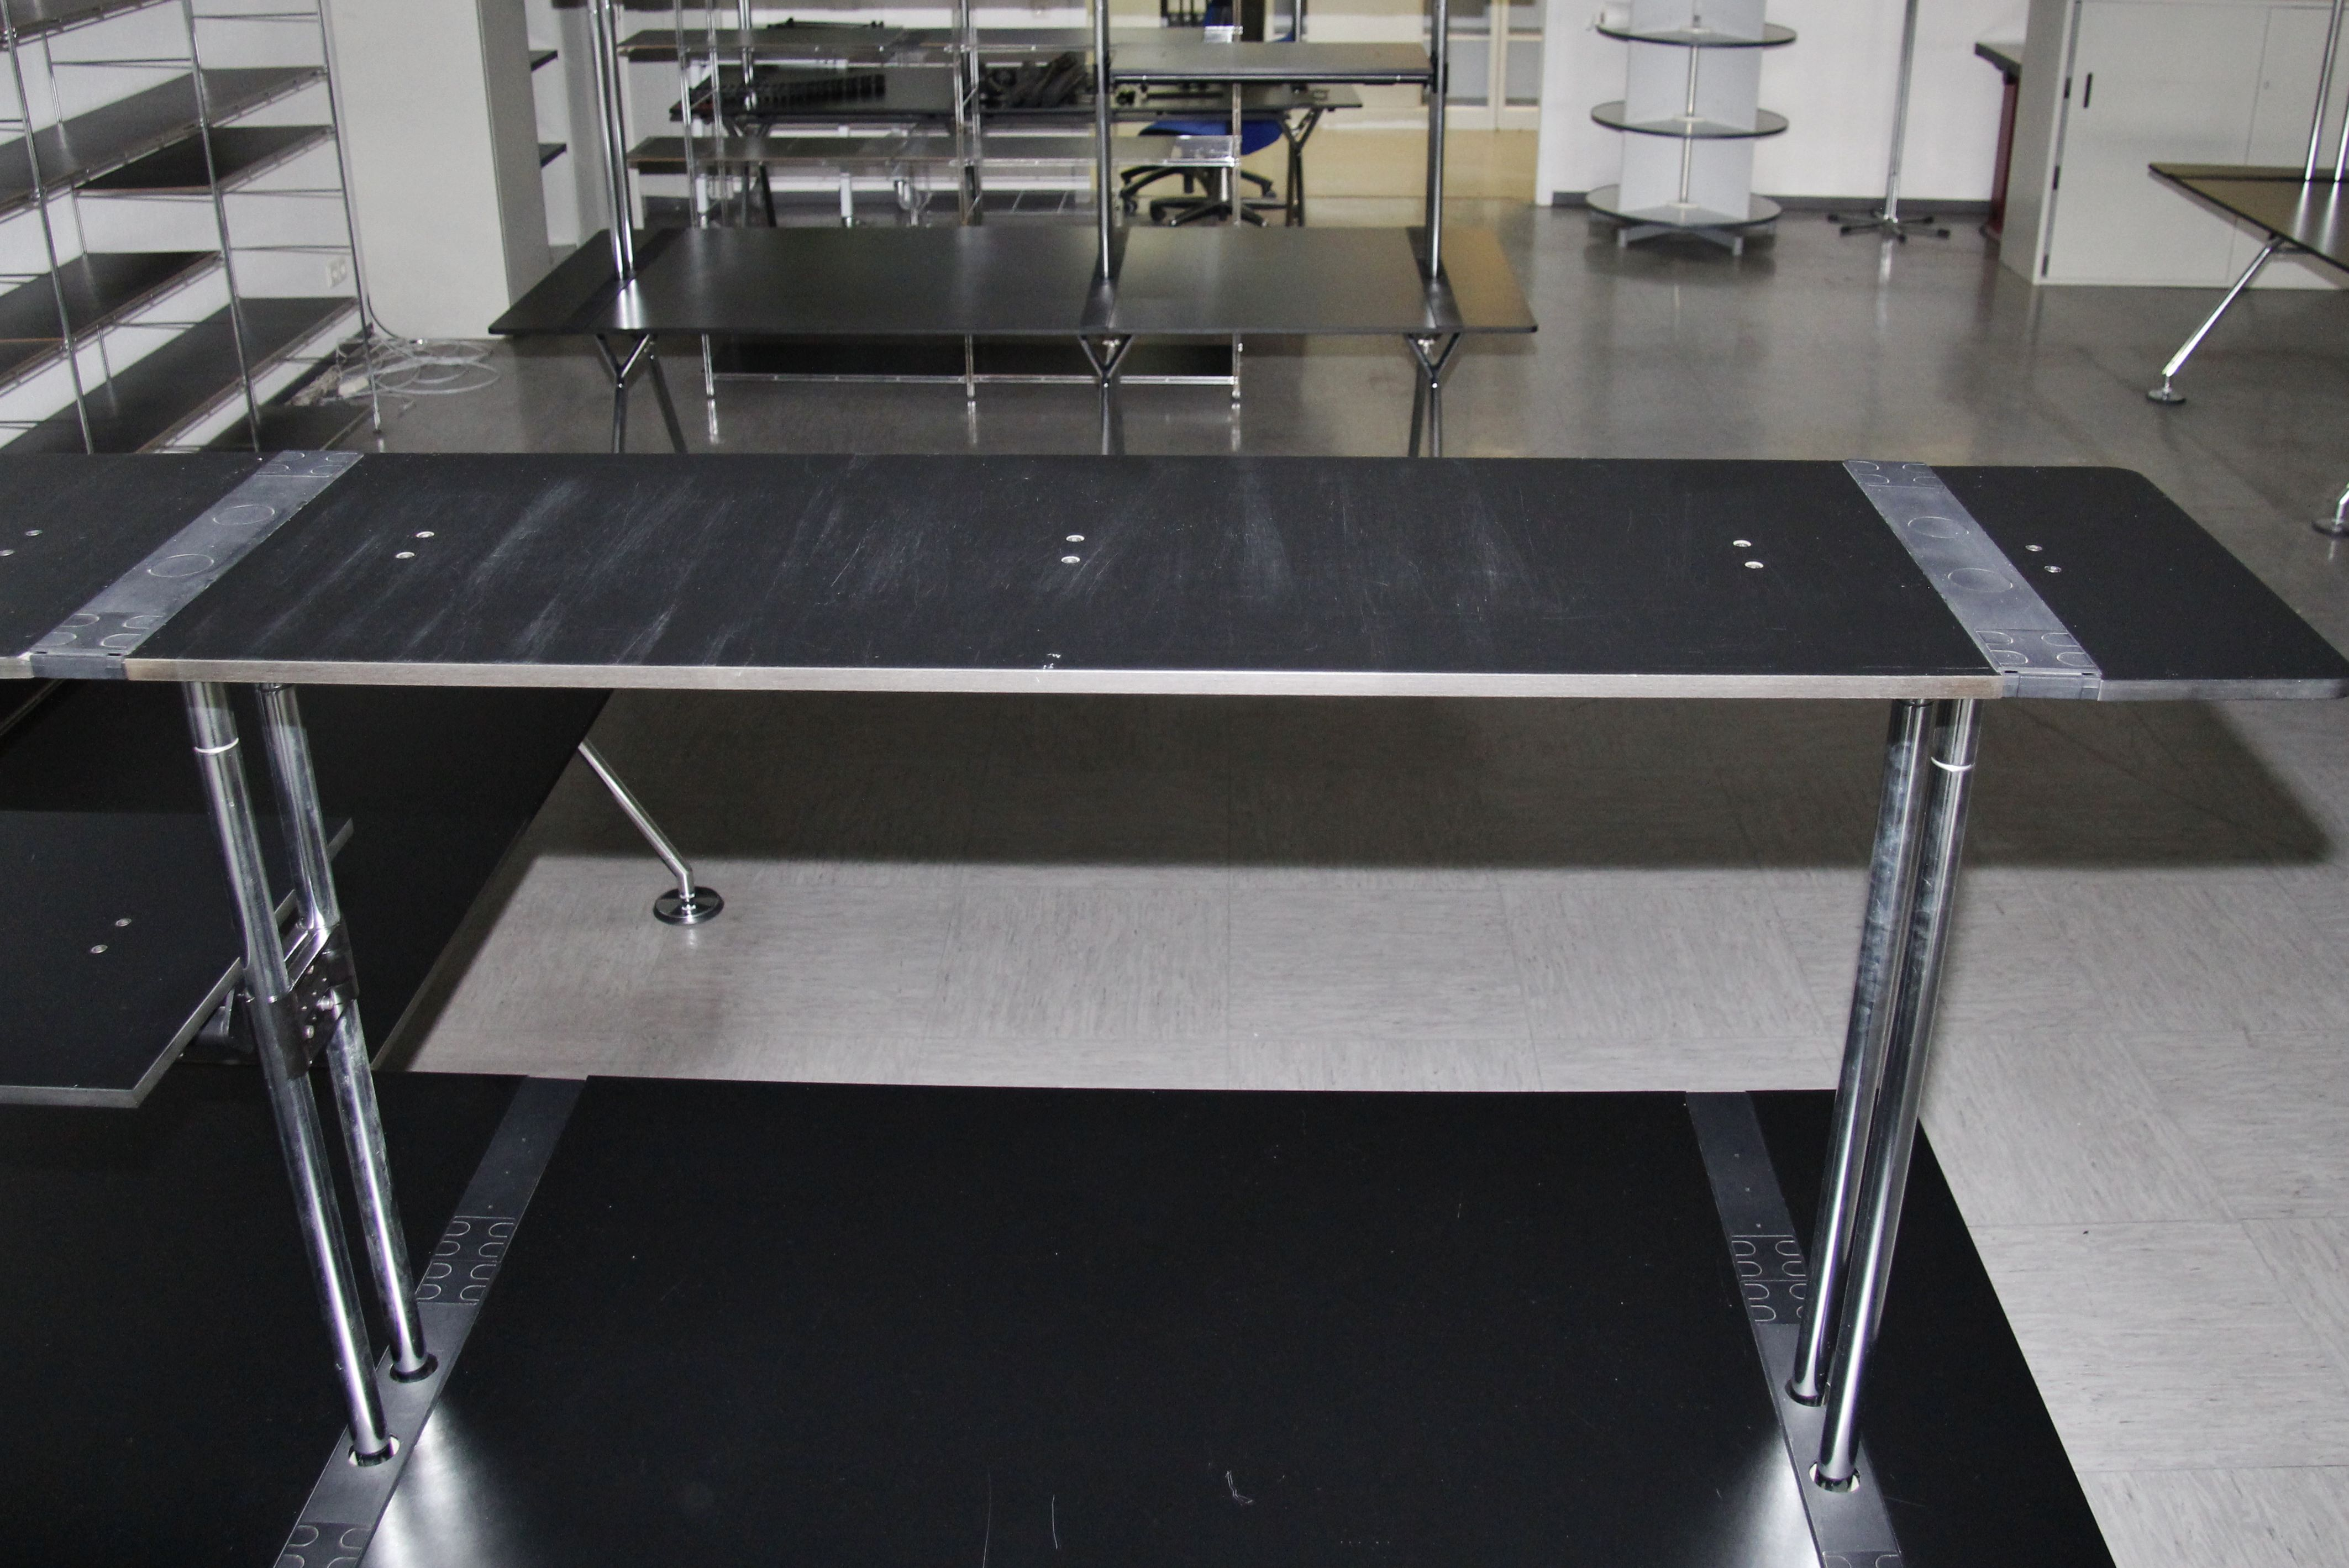 tecno nomos by norman foster schreibtisch mit anbautisch 6439 ebay. Black Bedroom Furniture Sets. Home Design Ideas